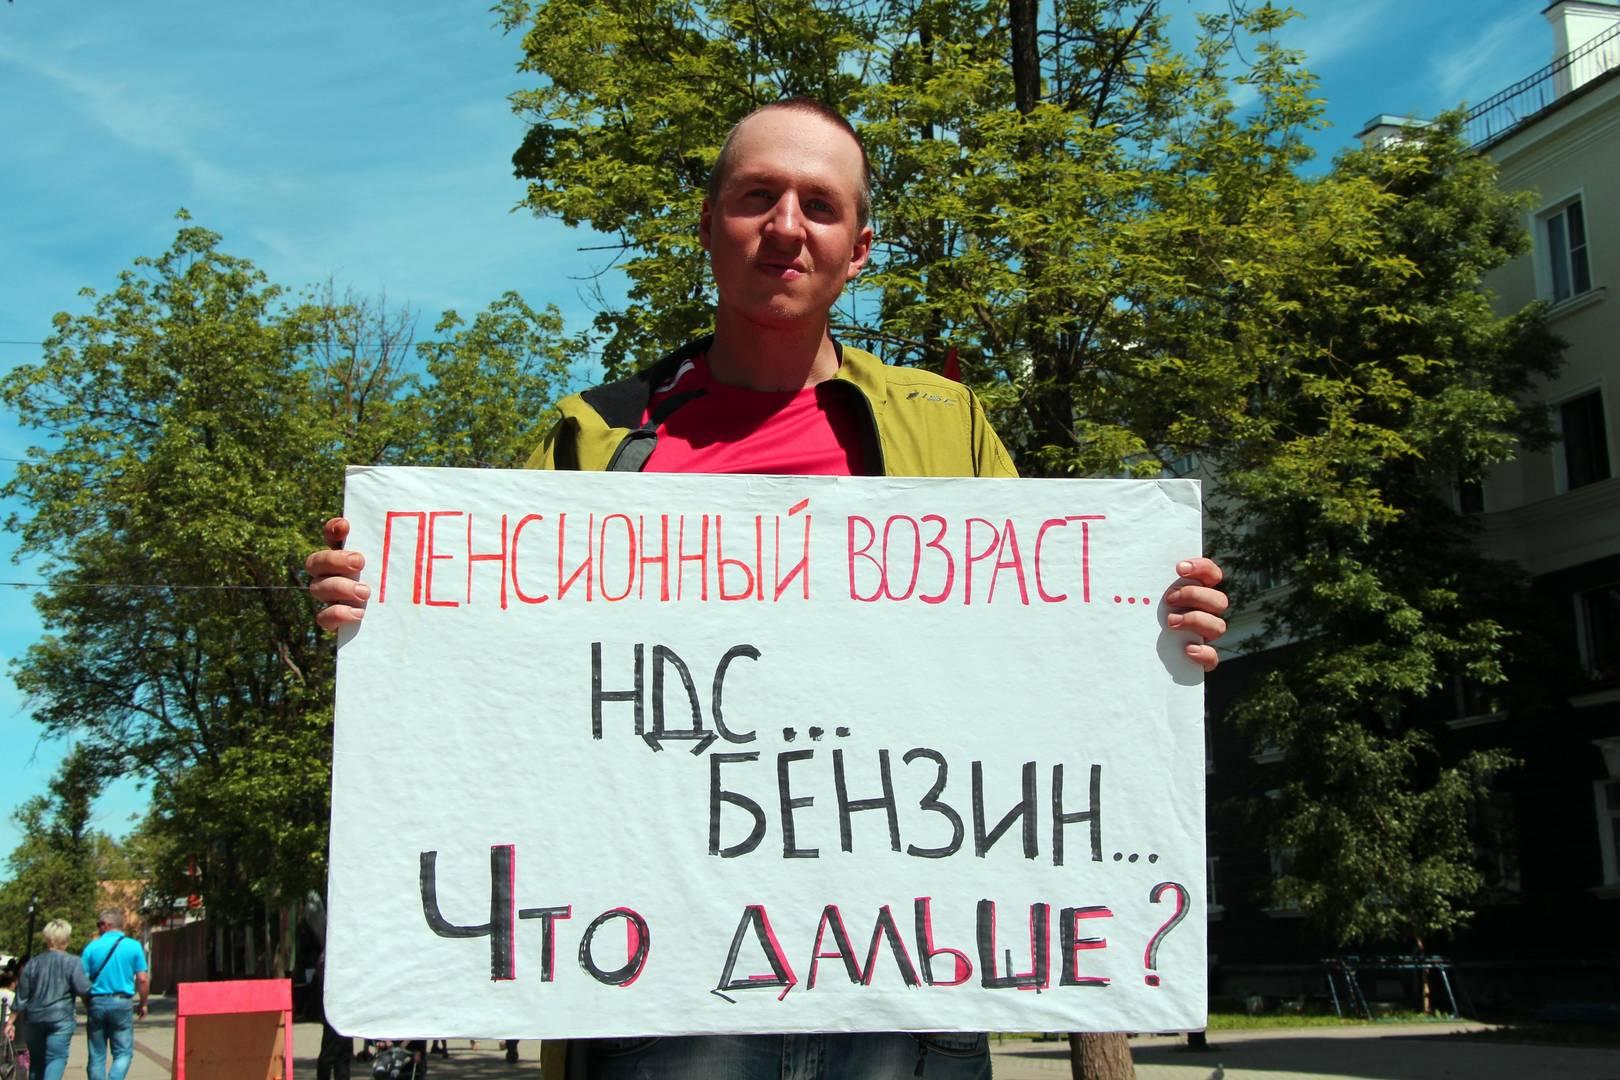 Пикет против пенсионной реформы. 1 июня, Псков